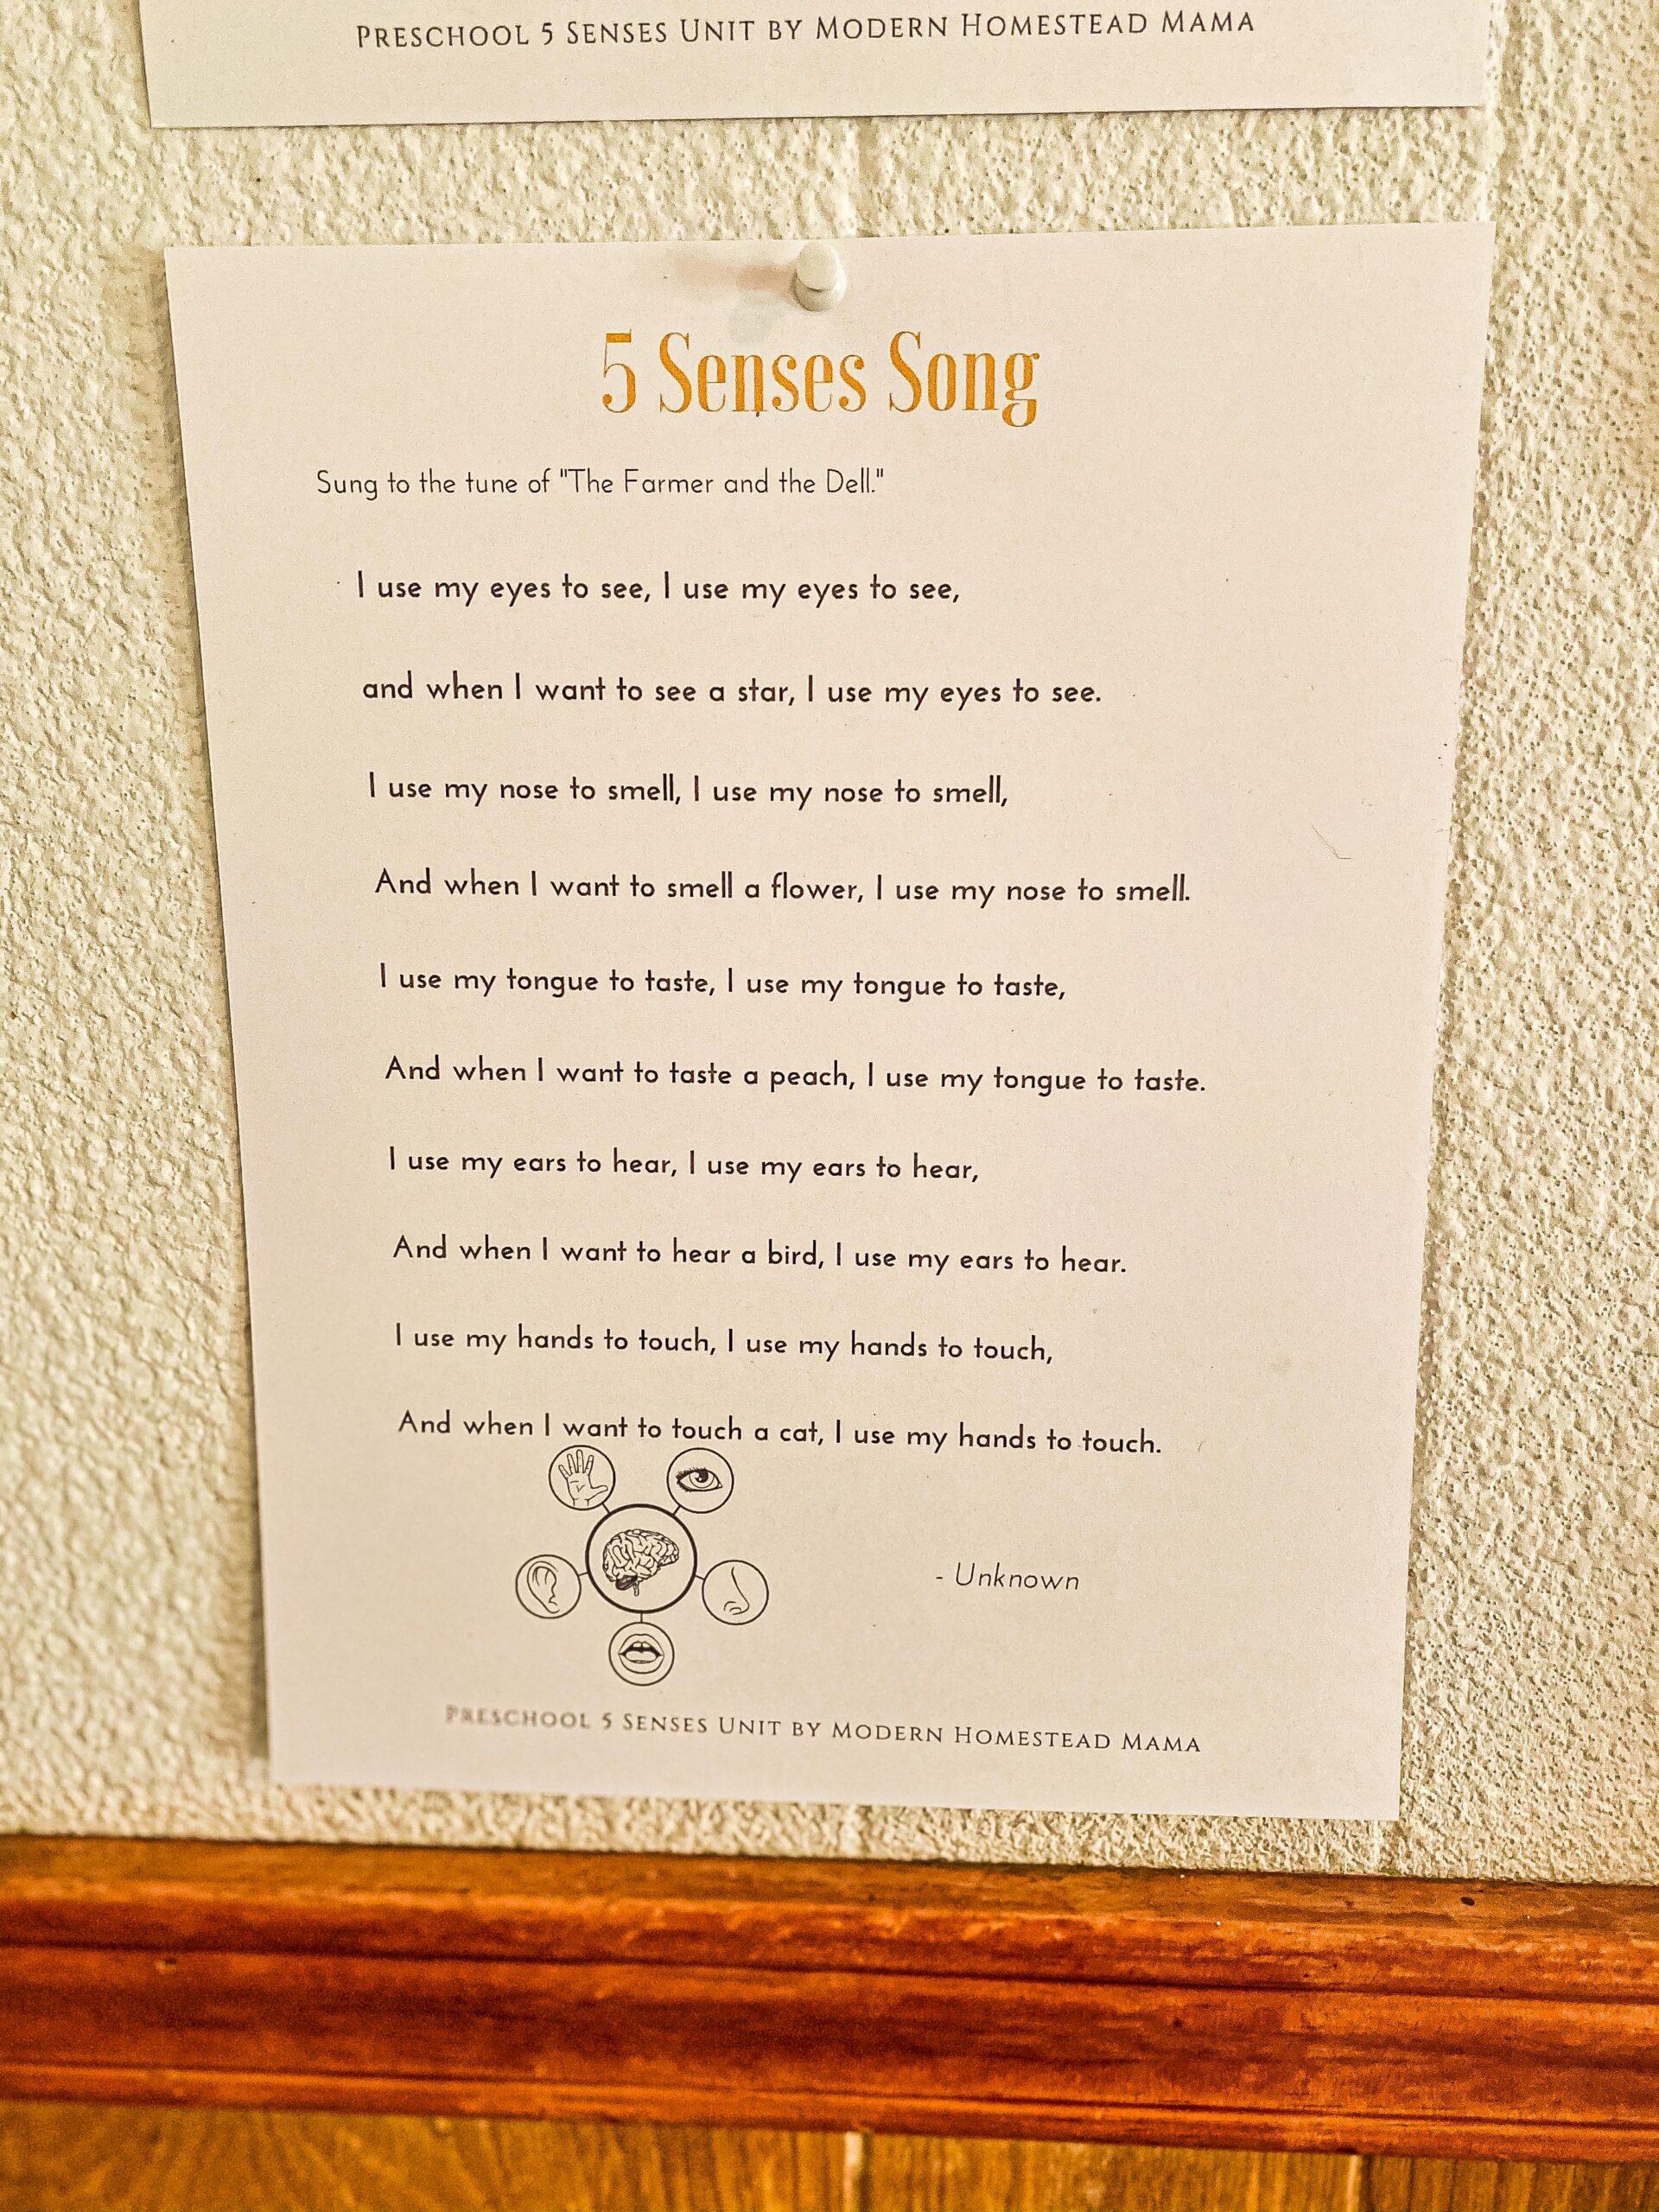 Five Senses Song for Preschoolers